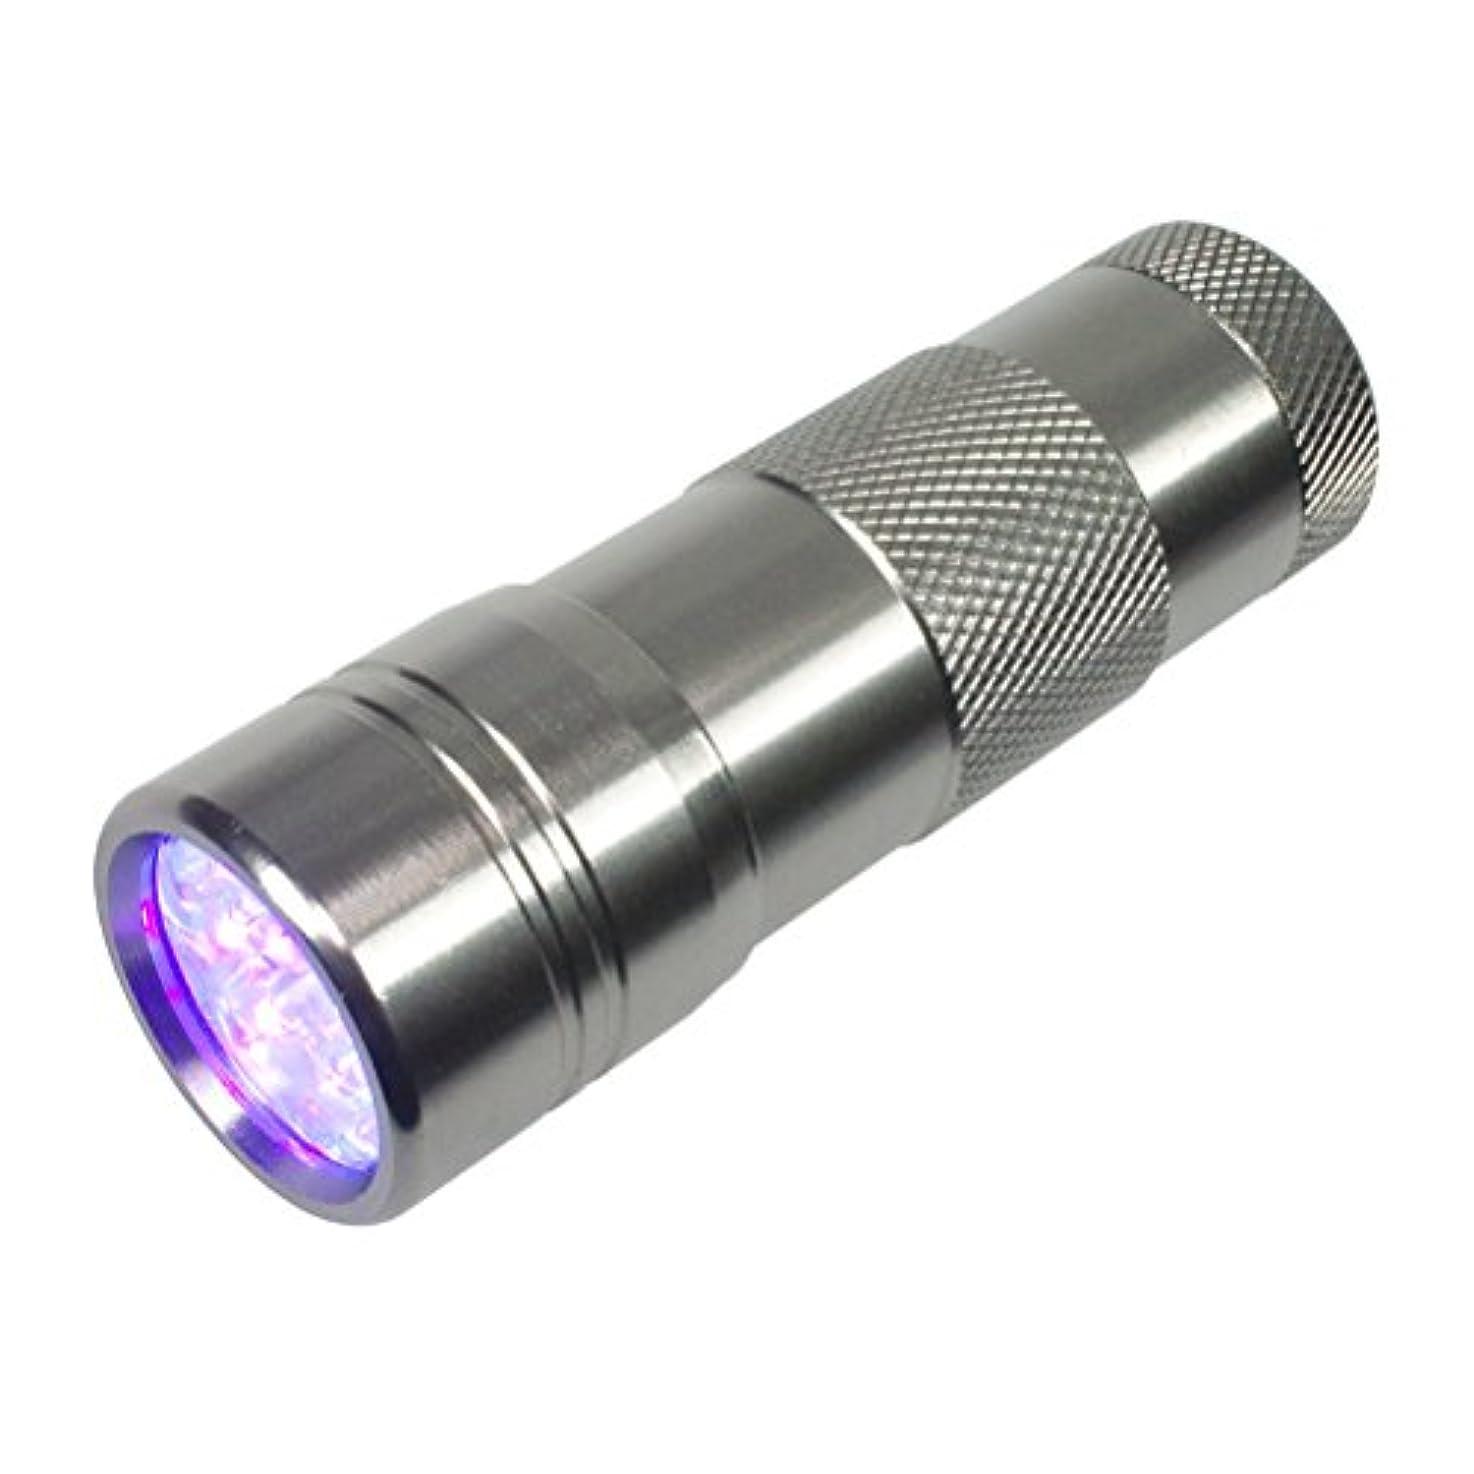 シェル天才敵ジェルネイル用UVライト ペン型LEDライト ミニサイズ 携帯用ハンディライト 超高速硬化 ジェルネイル用